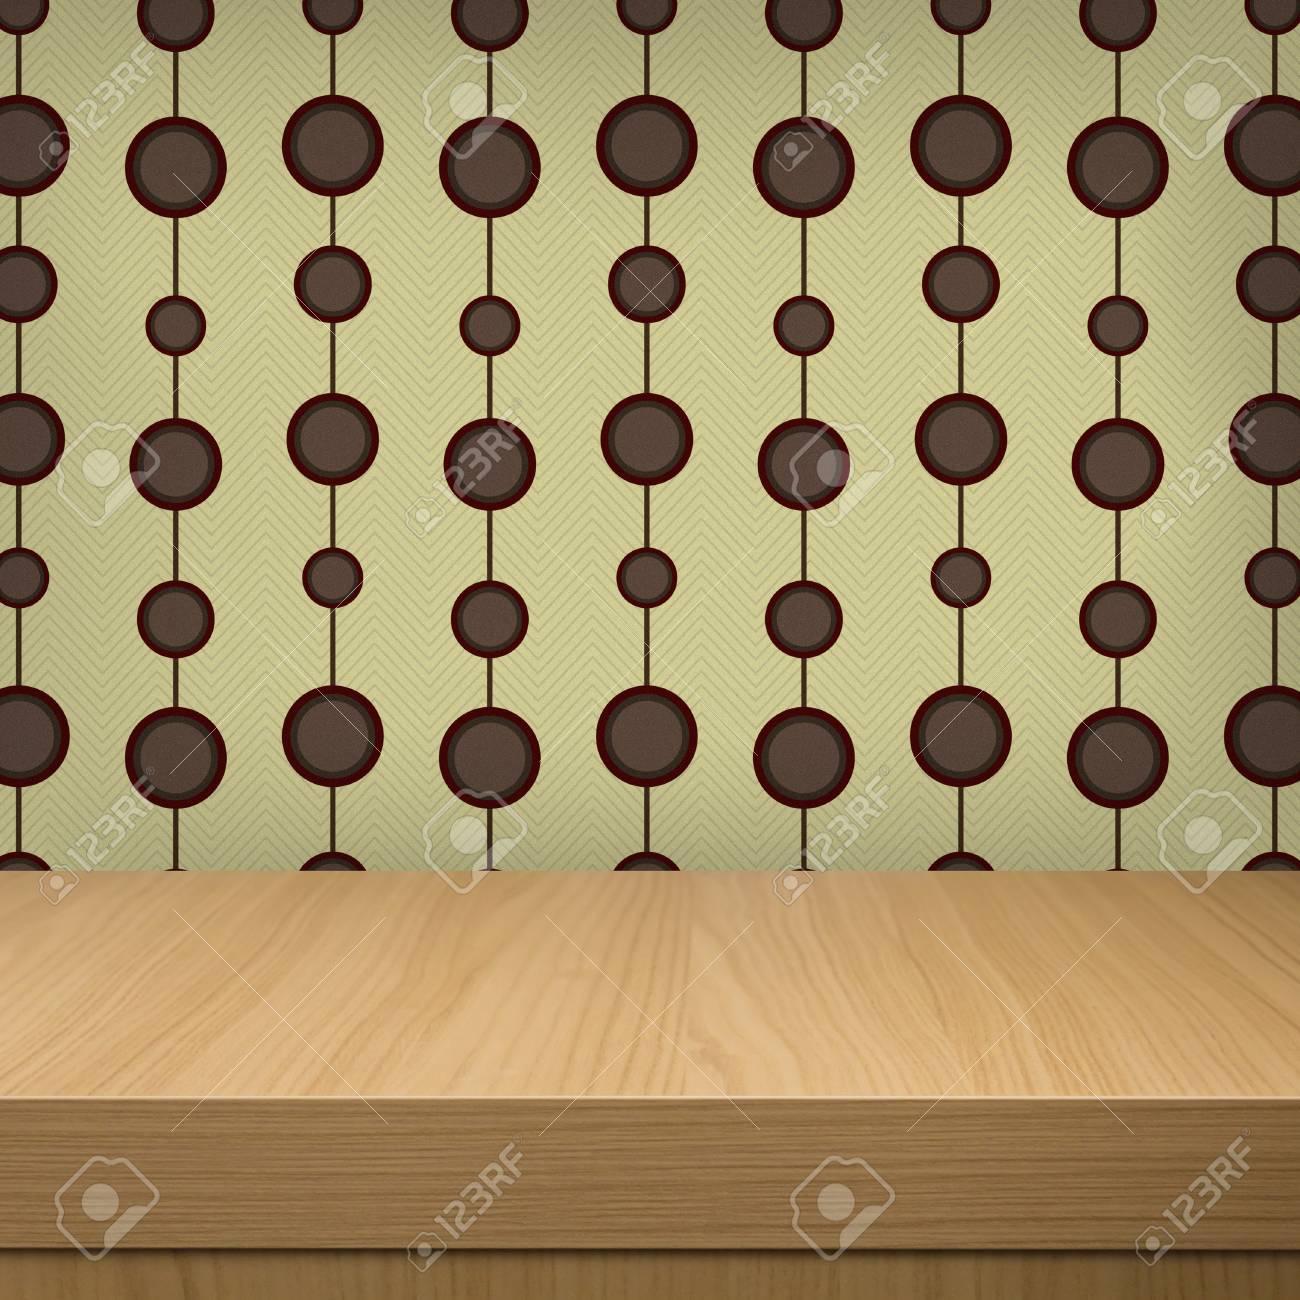 fond avec table en bois et motif de papier peint vintage pret pour le produit montage banque d images et photos libres de droits image 25360452